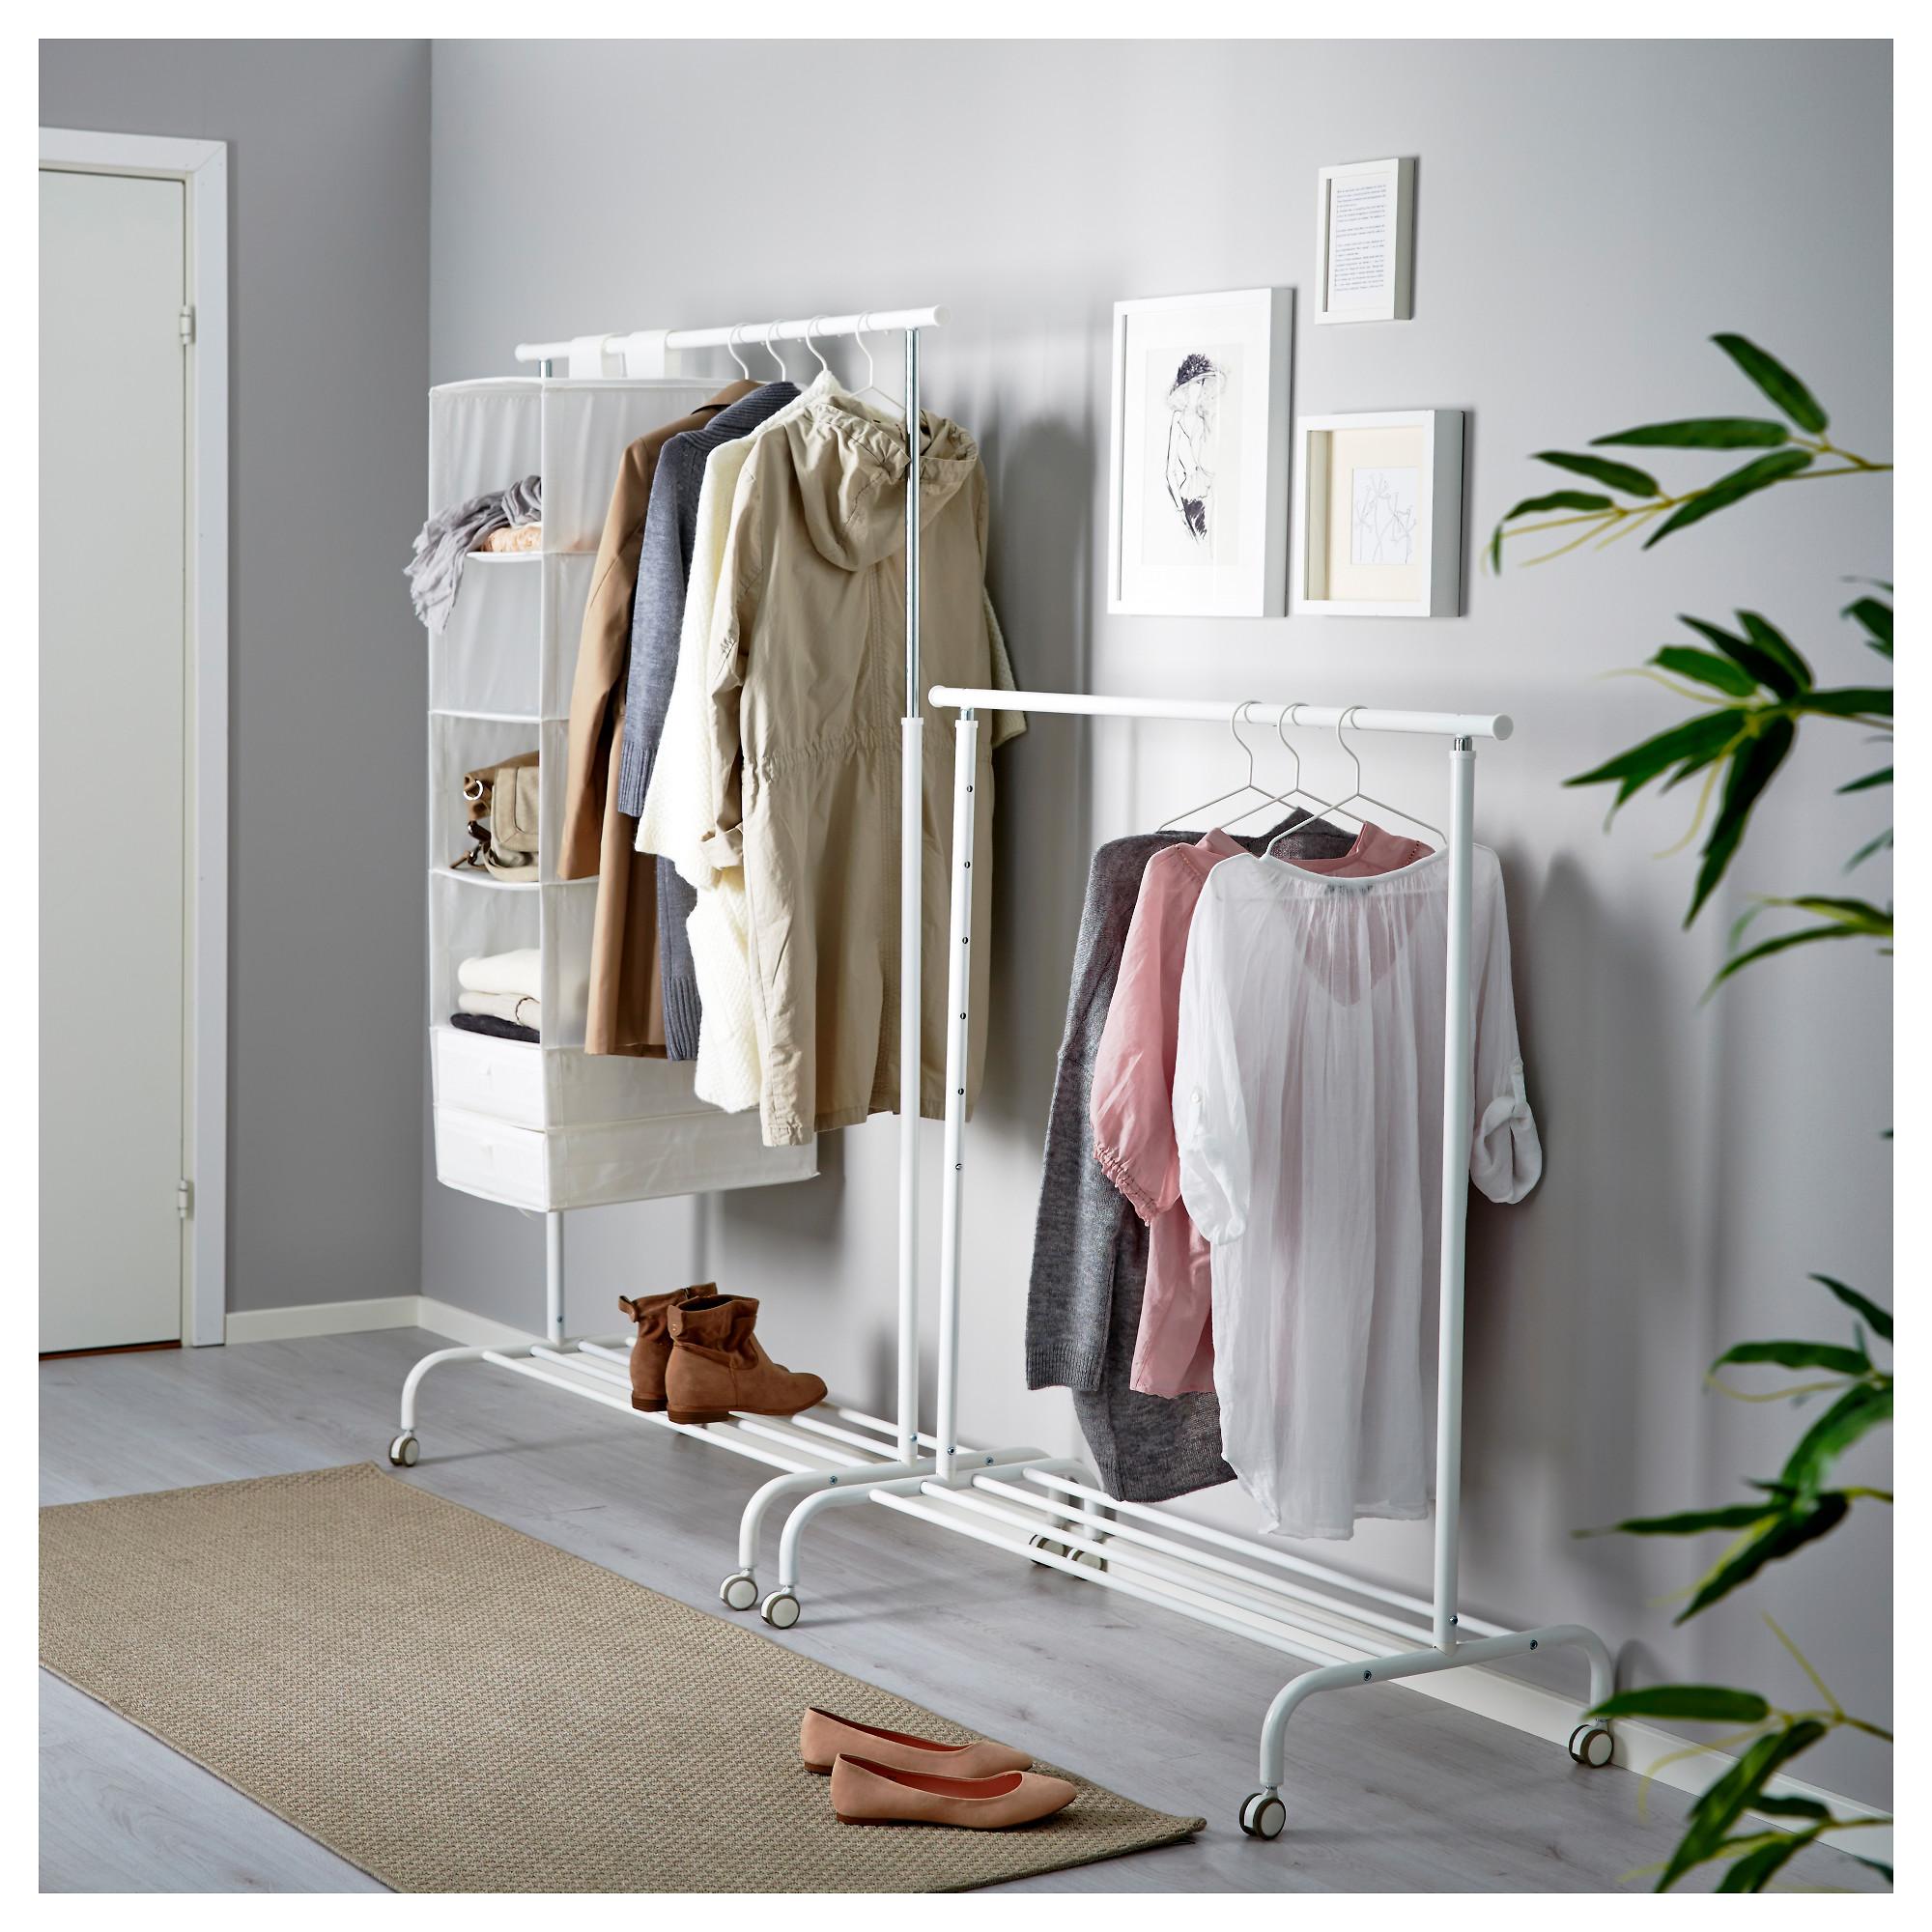 IKEA weiß Garderobenständer Garderobe Rollständer Kleiderständer Kleideraufhänge